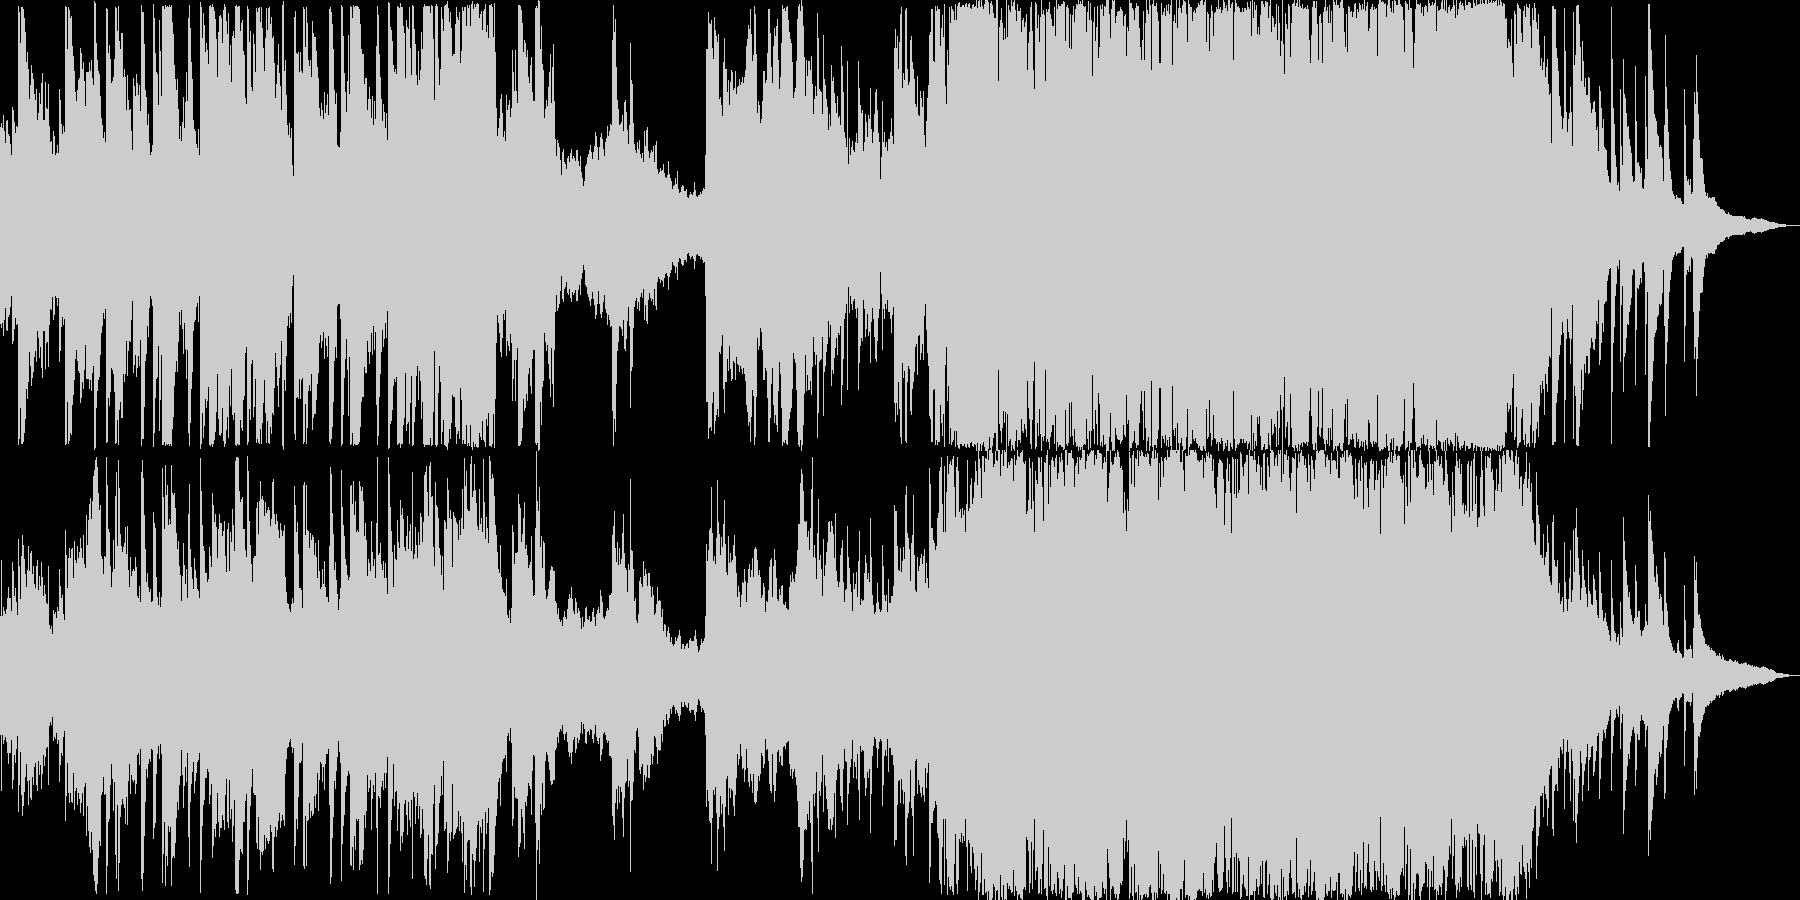 ワーグナー・ウエディングマーチ短編映像風の未再生の波形